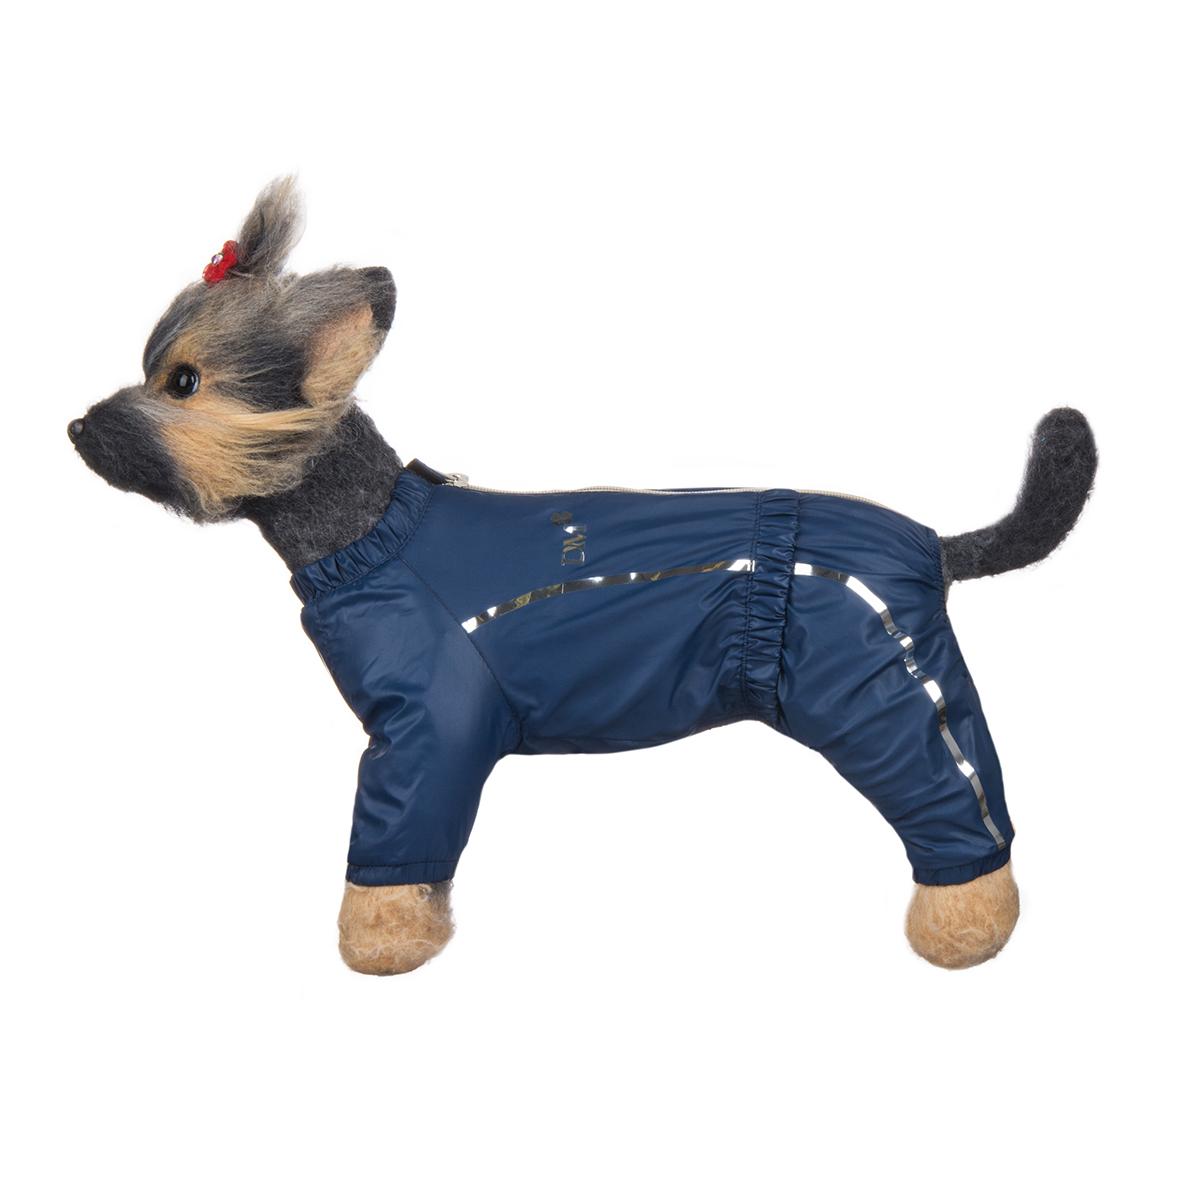 Комбинезон для собак Dogmoda Альпы, для мальчика, цвет: темно-синий. Размер 1 (S)DM-150328-1Комбинезон для собак Dogmoda Альпы отлично подойдет для прогулок поздней осенью или ранней весной. Комбинезон изготовлен из полиэстера, защищающего от ветра и осадков, с подкладкой из флиса, которая сохранит тепло и обеспечит отличный воздухообмен. Комбинезон застегивается на молнию и липучку, благодаря чему его легко надевать и снимать. Ворот, низ рукавов и брючин оснащены внутренними резинками, которые мягко обхватывают шею и лапки, не позволяя просачиваться холодному воздуху. На пояснице имеется внутренняя резинка. Изделие декорировано серебристыми полосками и надписью DM. Благодаря такому комбинезону простуда не грозит вашему питомцу и он не даст любимцу продрогнуть на прогулке.